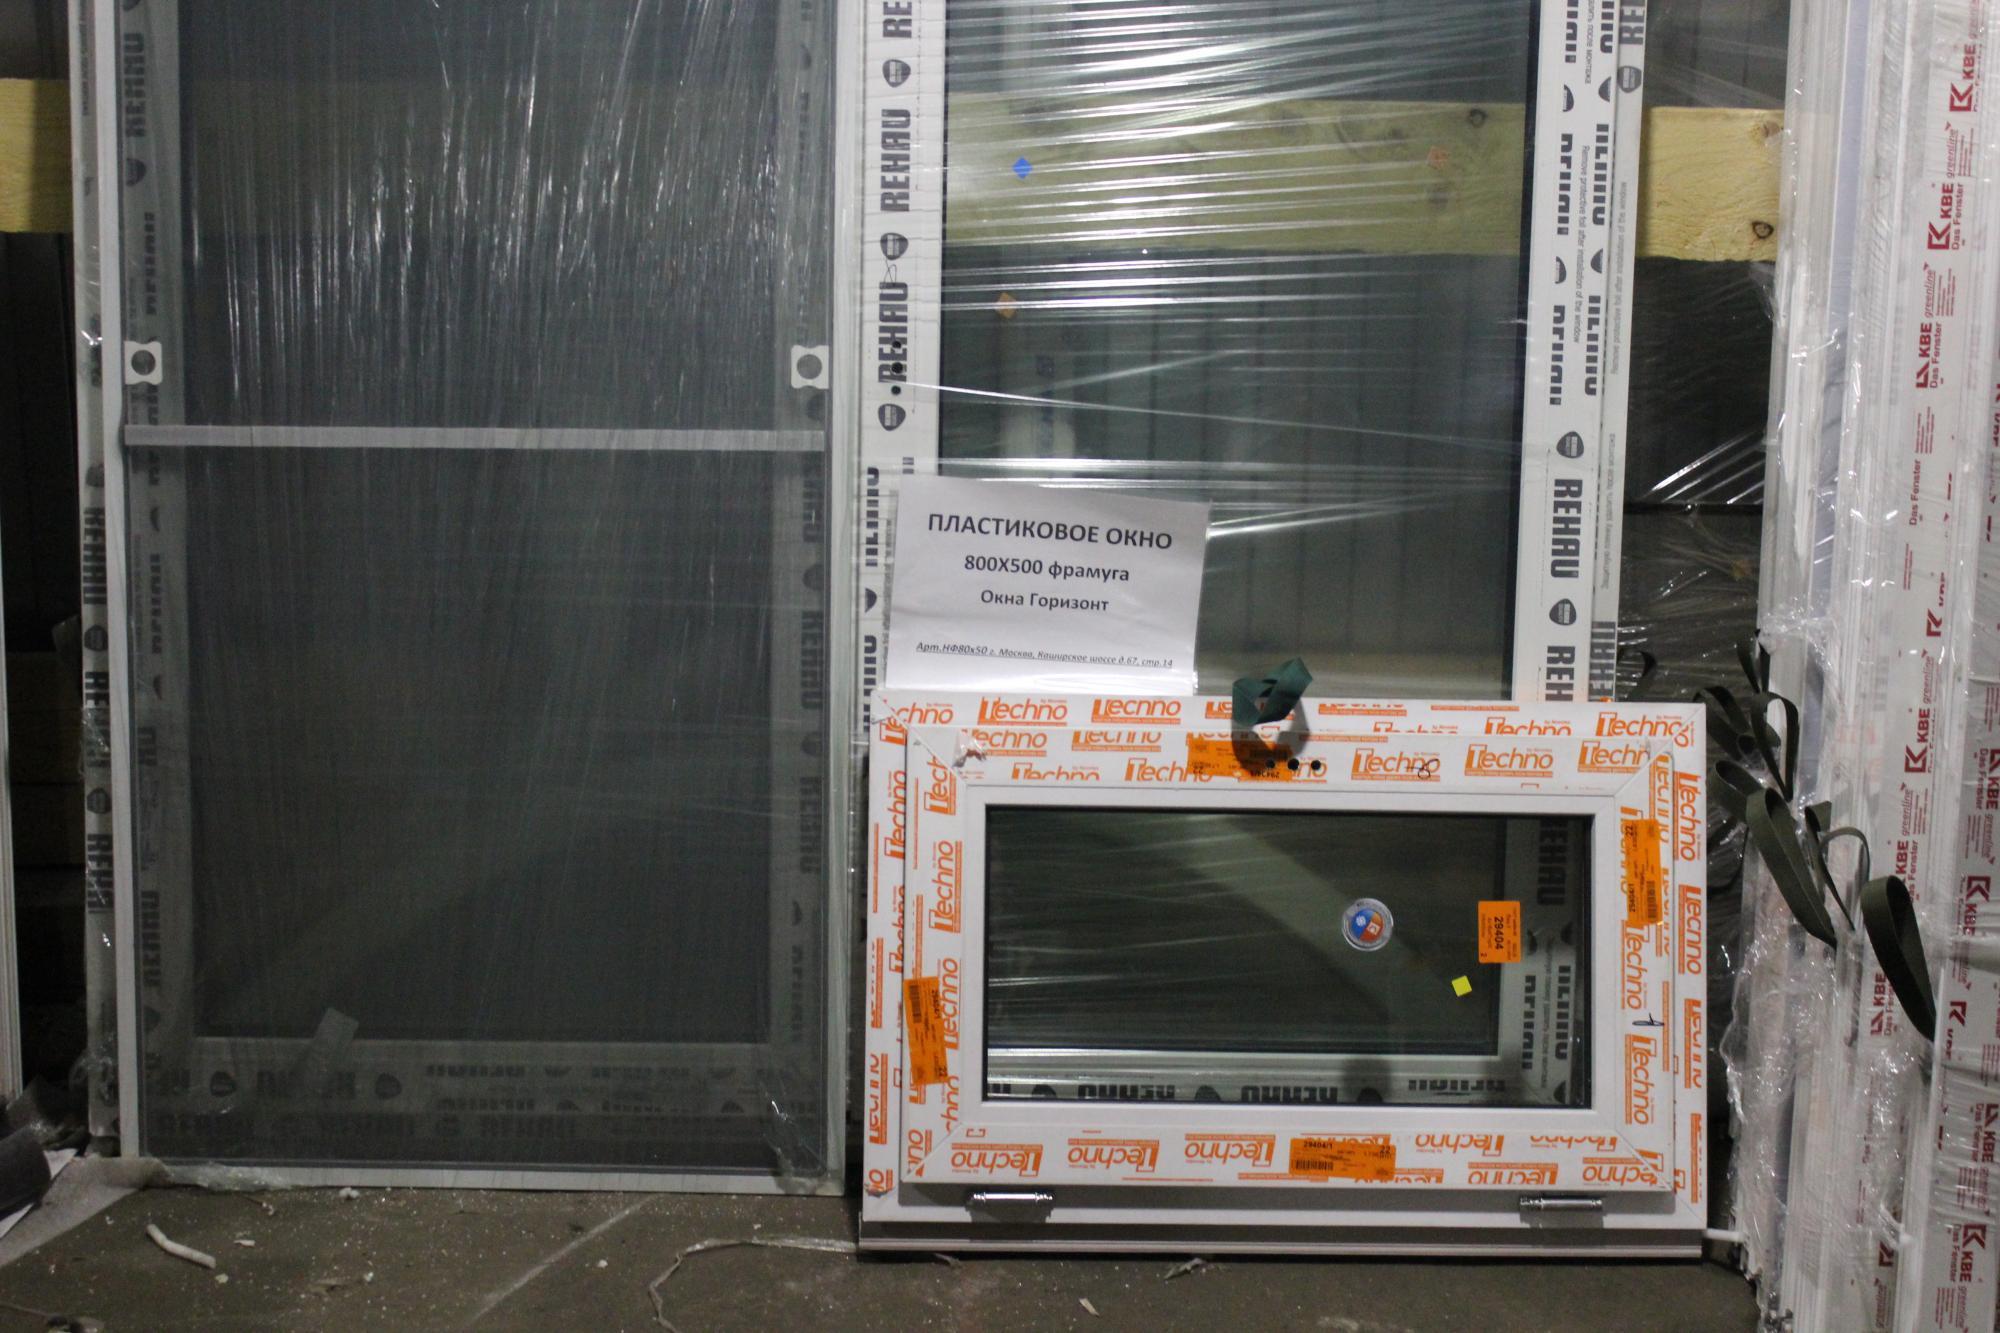 Готовое окно одностворчатое 800x500 (ШxВ) в Москве 89253899134 купить 1